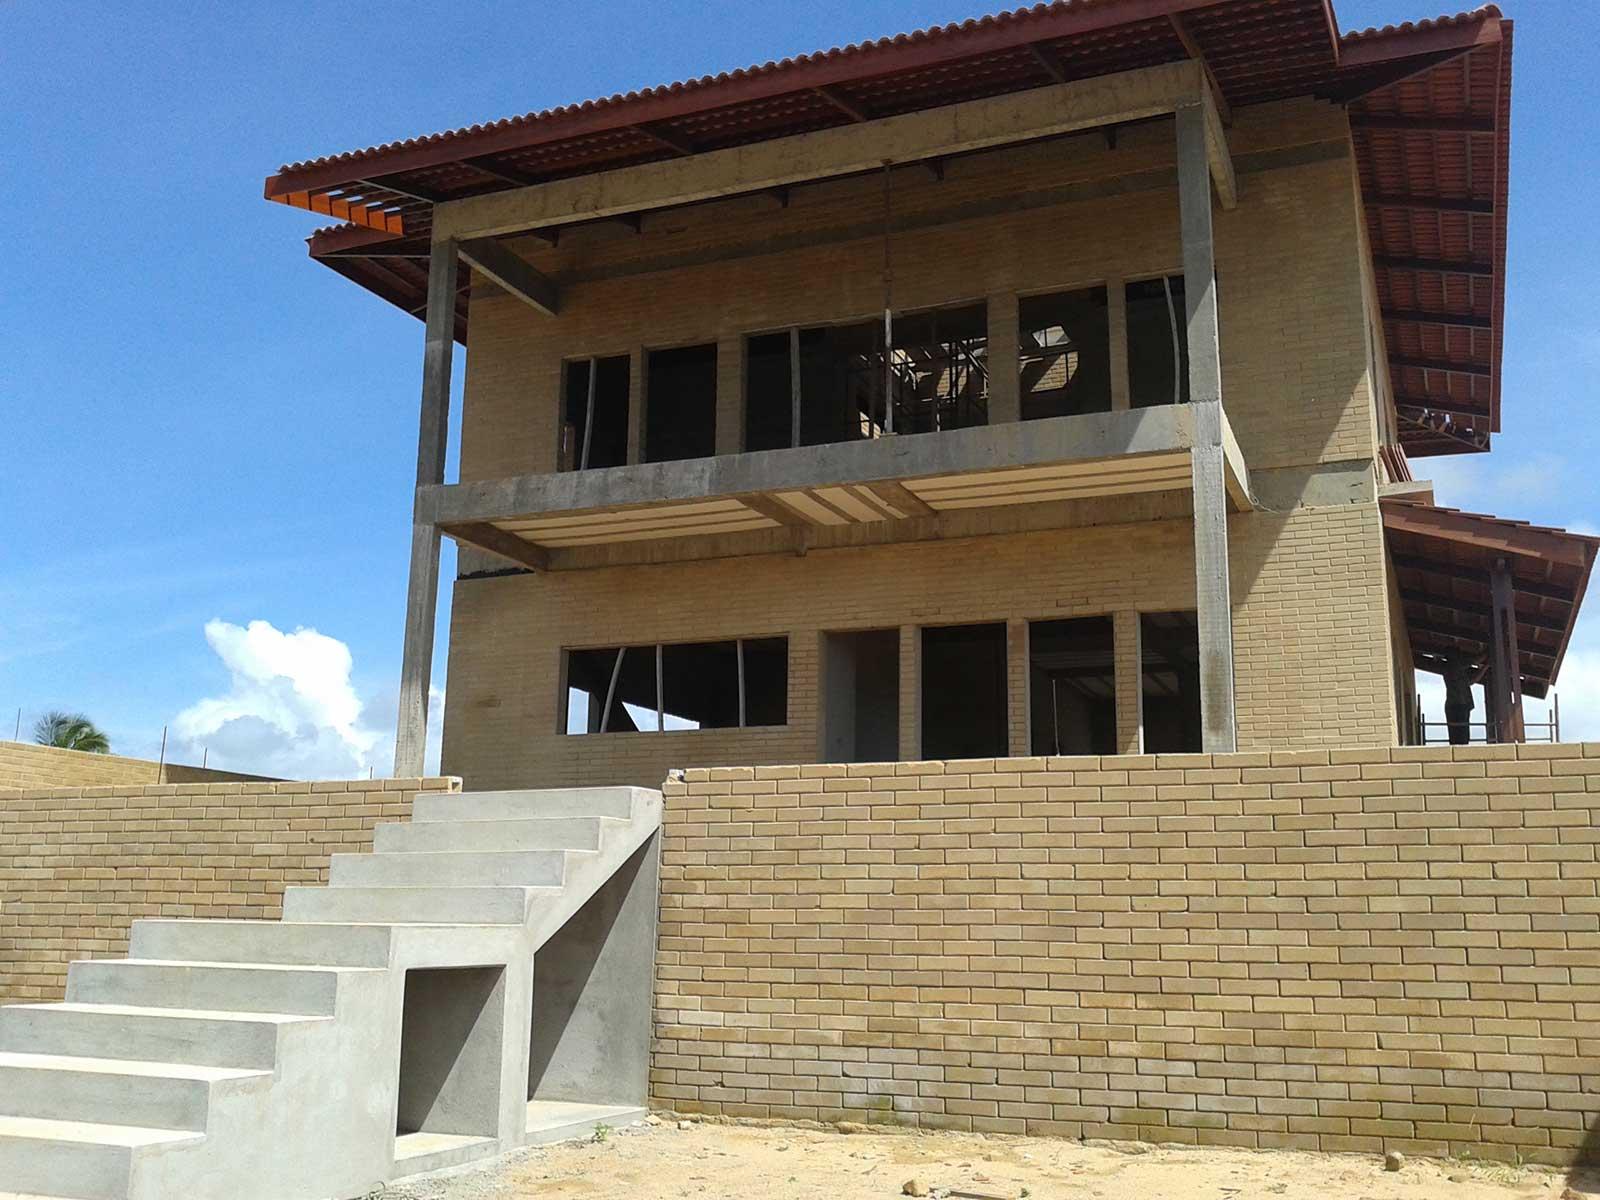 Casa Vastu em construção com tijolo ecológico (2017). Projeto: Verena Rapp